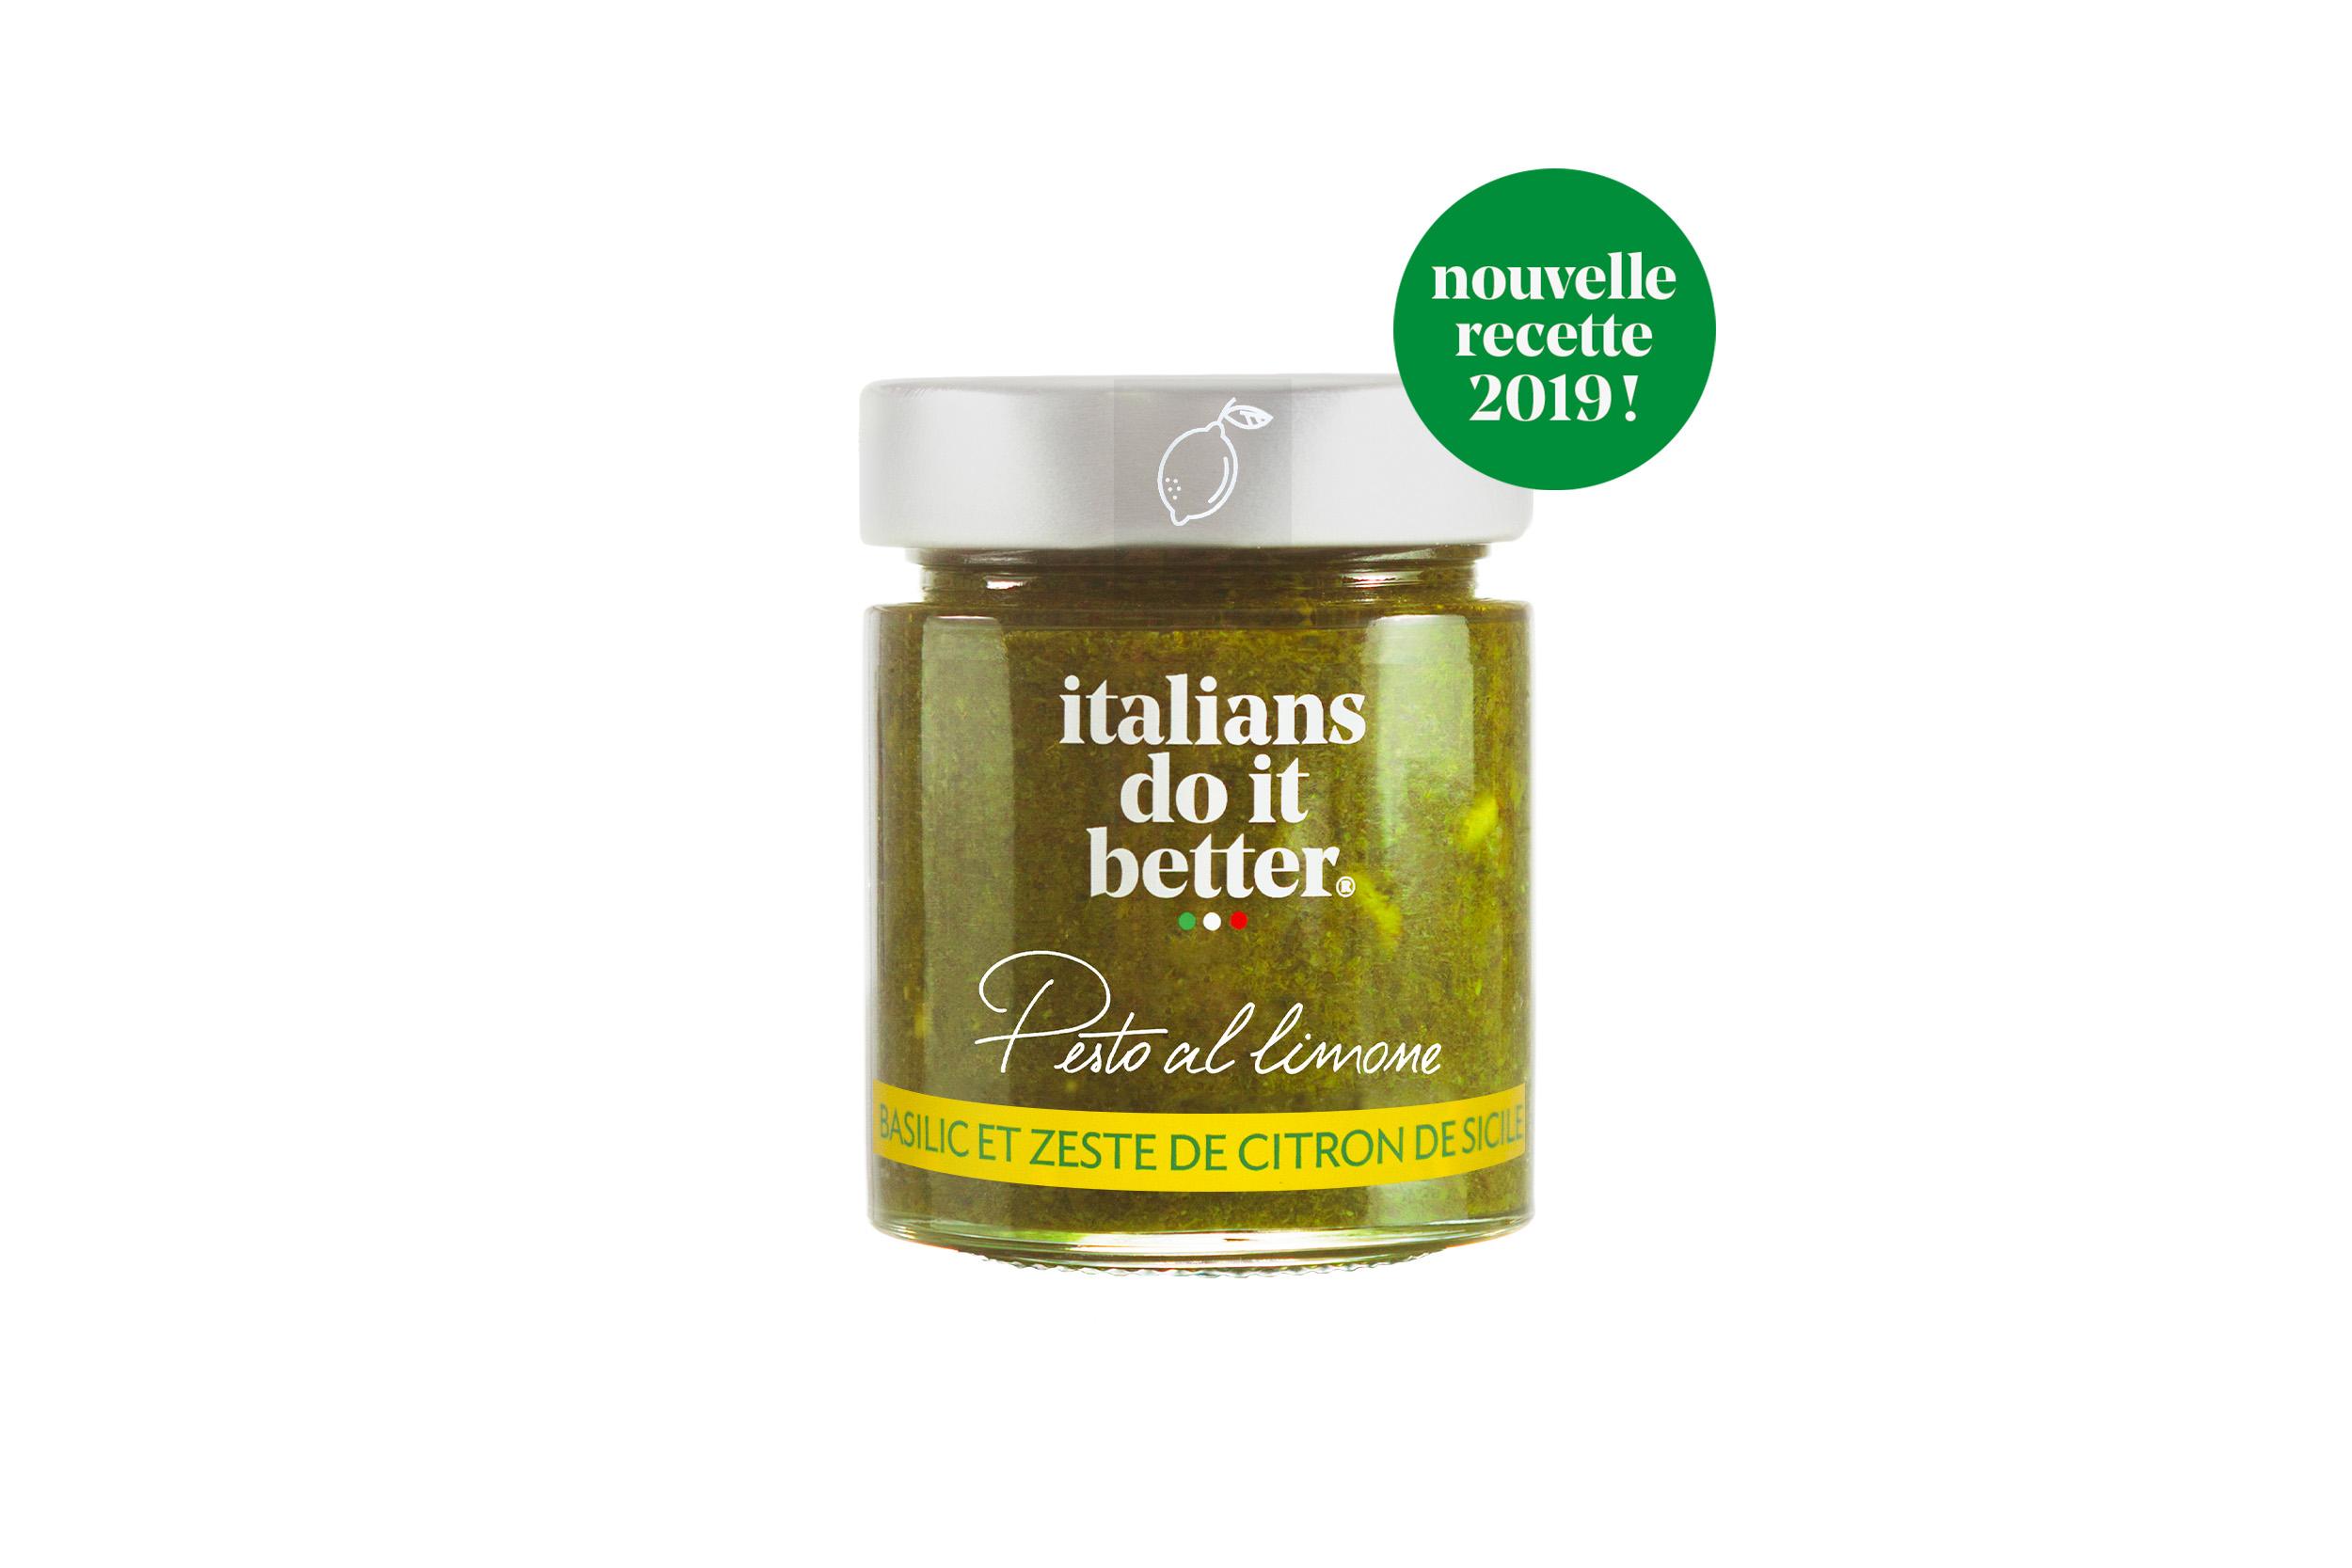 Pesto al Limone 135g   Huile d'Olive Extra Vierge, Basilico Genovese AOP (31%), Pignons de pin (14%), Zestes de citron (5%), Sel, Ail.  Une recette délicieuse de l l'île de Procida dans la baie de Naples. Un pesto inédit et unique relevé d'un zeste de citron de sicilien. A déguster aussi bien avec vos pasta, dans vos salades ou sur vos poissons.   How to do it better :  salez l'eau des pâtes, cuire la pasta al dente et faites-la revenir 1 minute à feu doux avec la sauce. Saupoudrez le tout de Parmigiano Reggiano. A cuisiner avec des  spaghetti .  Petite astuce : dans un saladier, hors du feu, délayer le pesto avec un peu d'eau de cuisson de vos pâtes qui est chargé en amidon. Une fois vos pâtes cuites les mettre dans le saladier, mélanger et servir aussitôt.